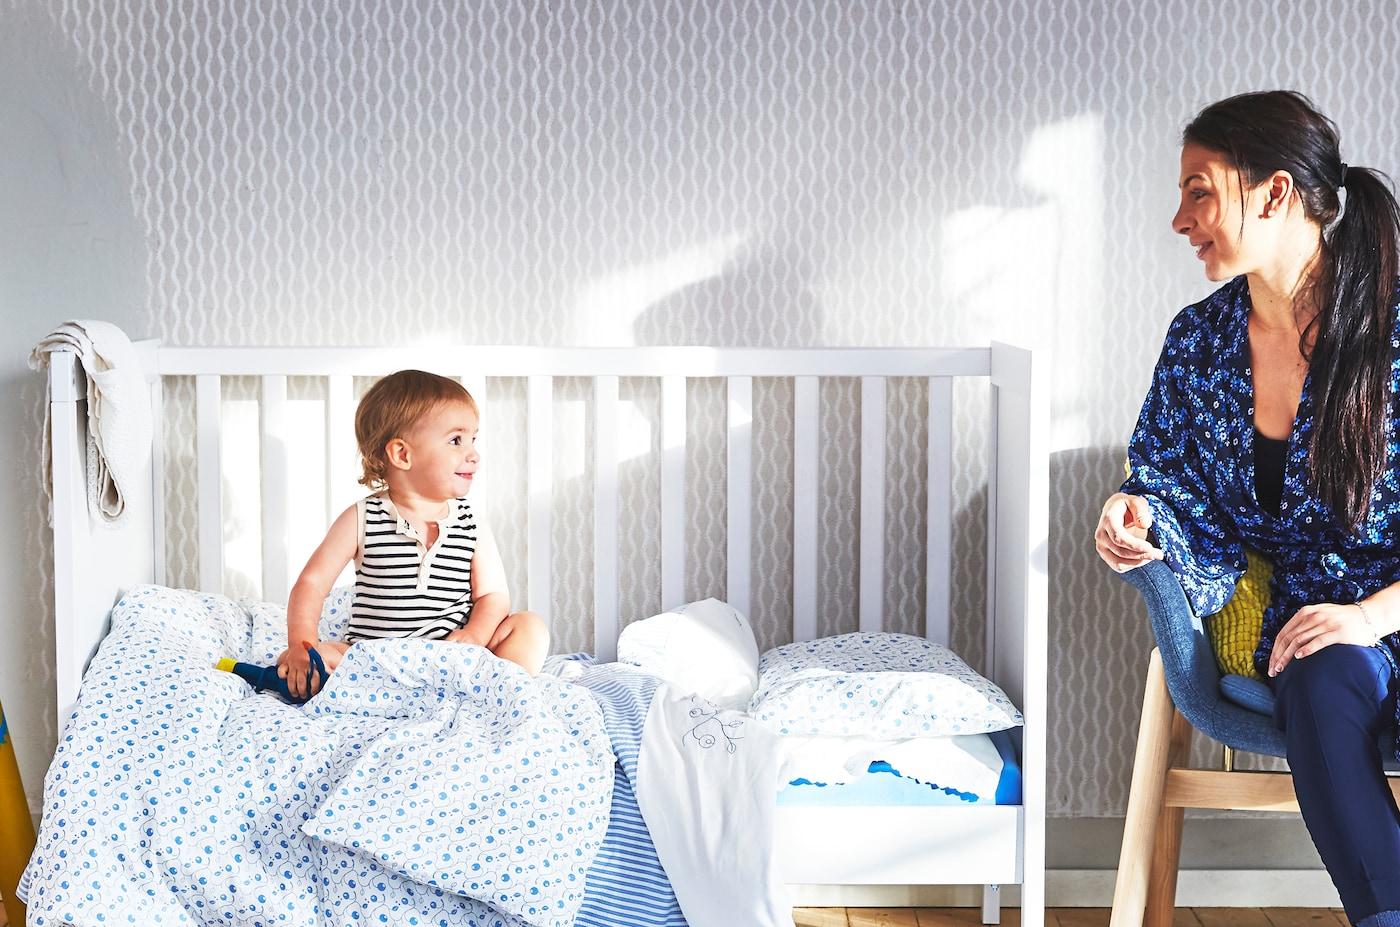 Eine Mutter sitzt auf einem Holzstuhl und ein Kleinkind in einem Babybett mit offener Seite. Die Bettwäsche ist in Blautönen gehalten. Mutter und Kind lächeln sich an.